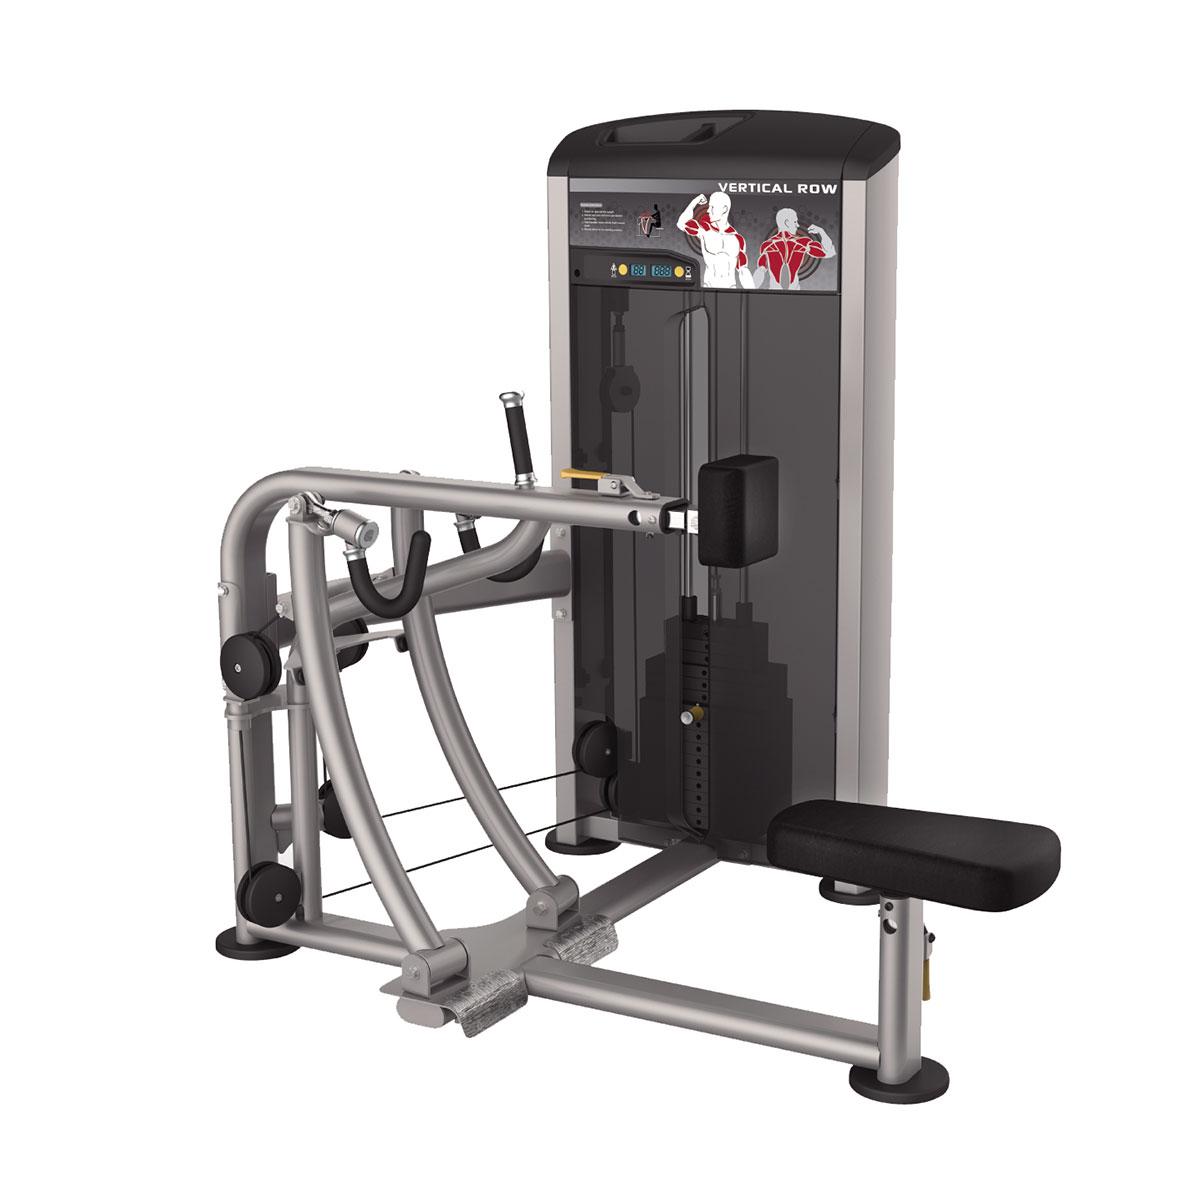 Biceps/Triceps - 200 lbs